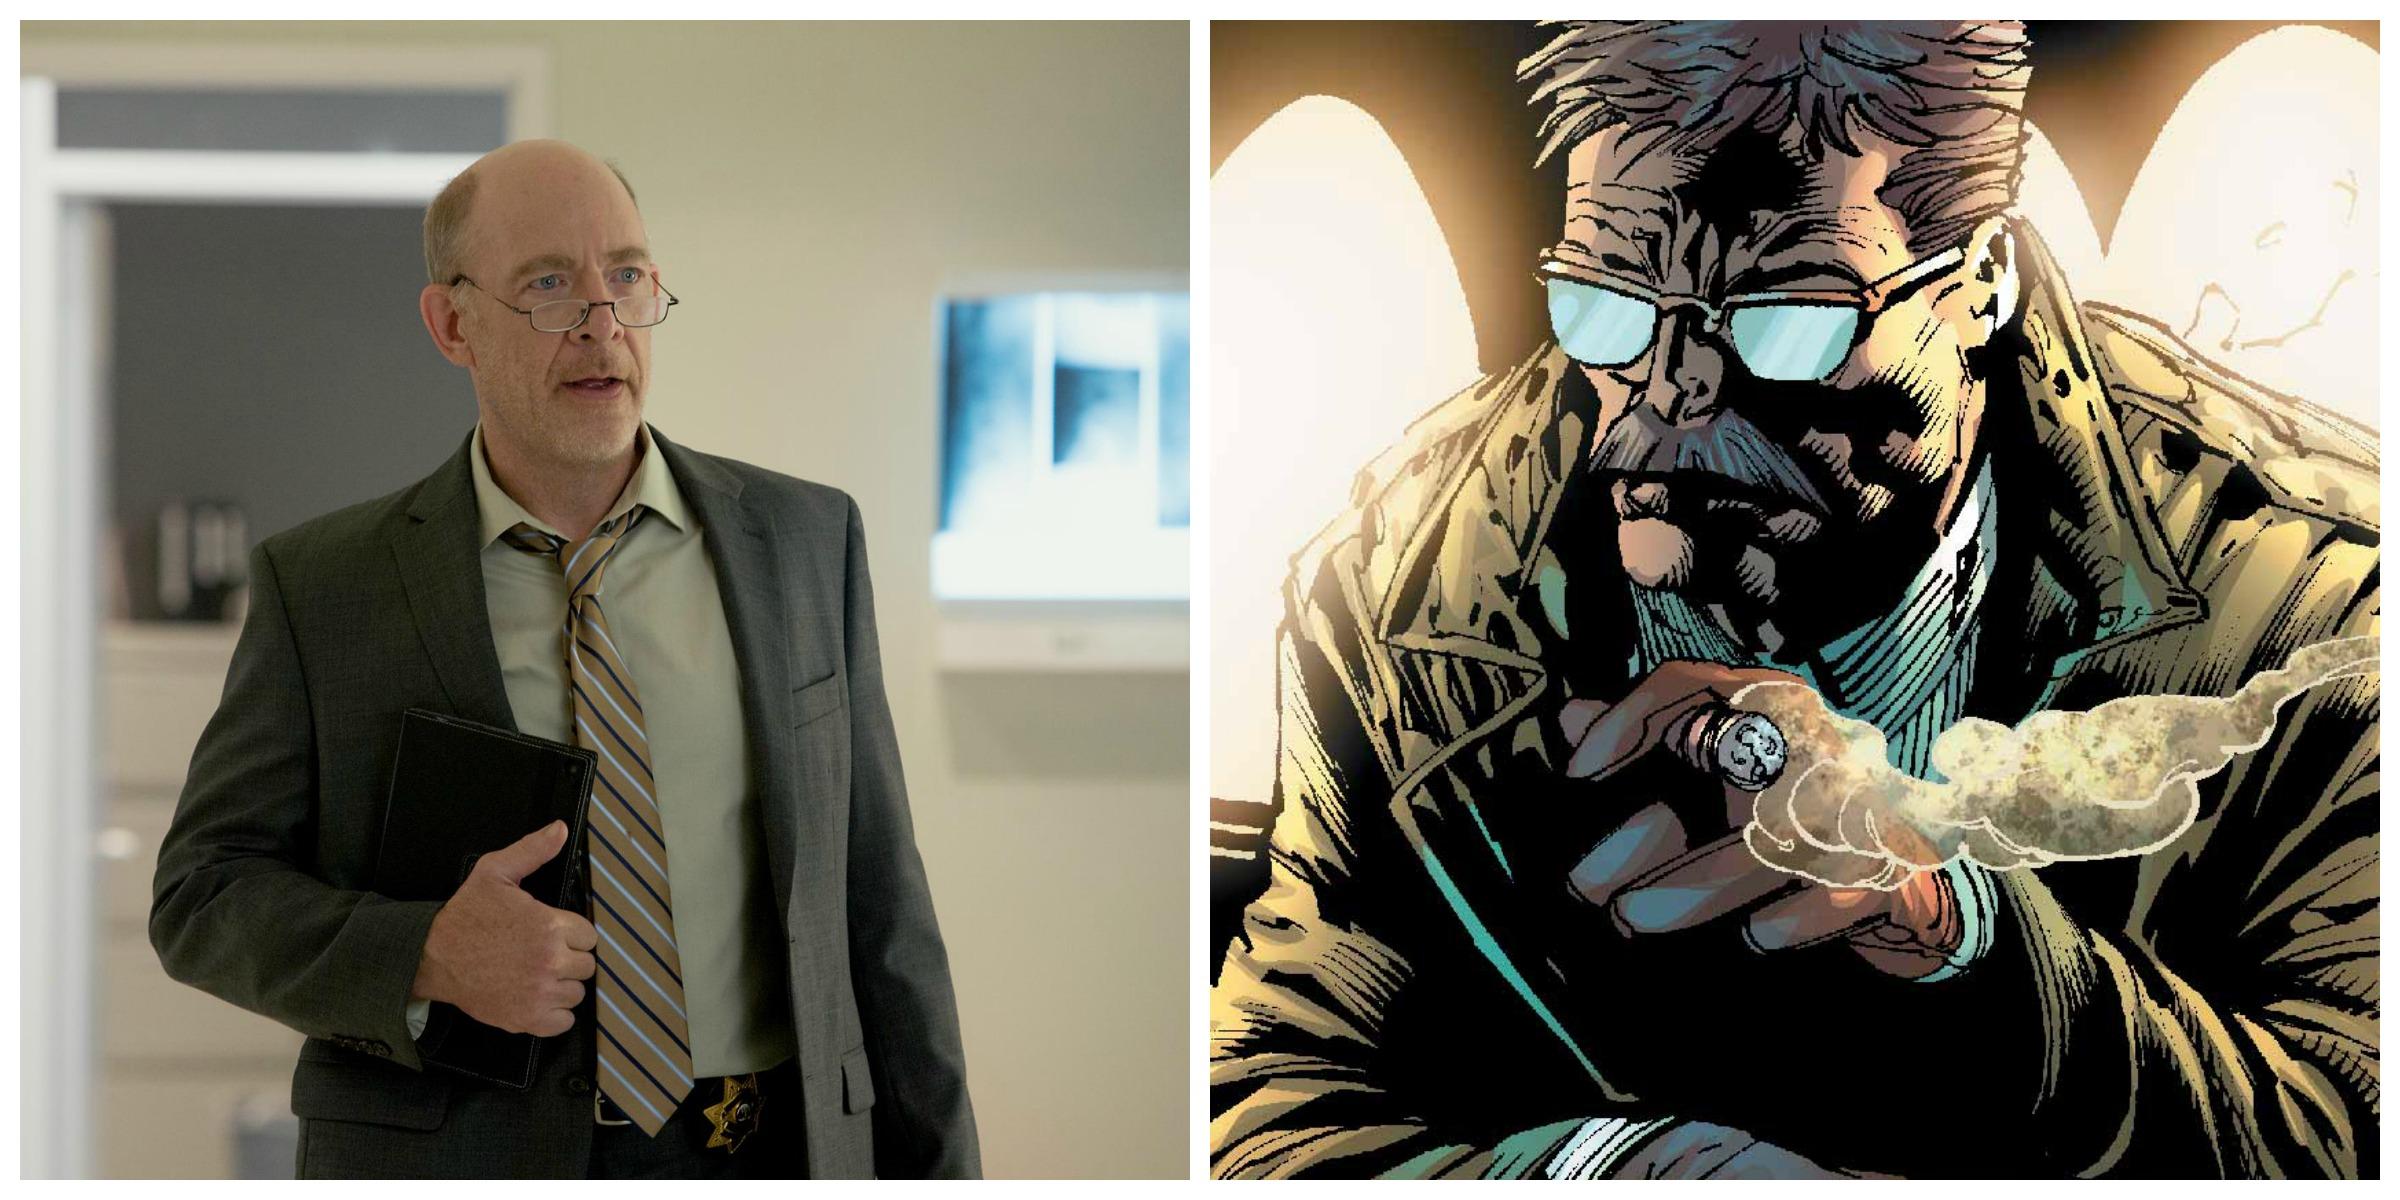 Justice League : J.K. Simmons sera le commissaire Gordon